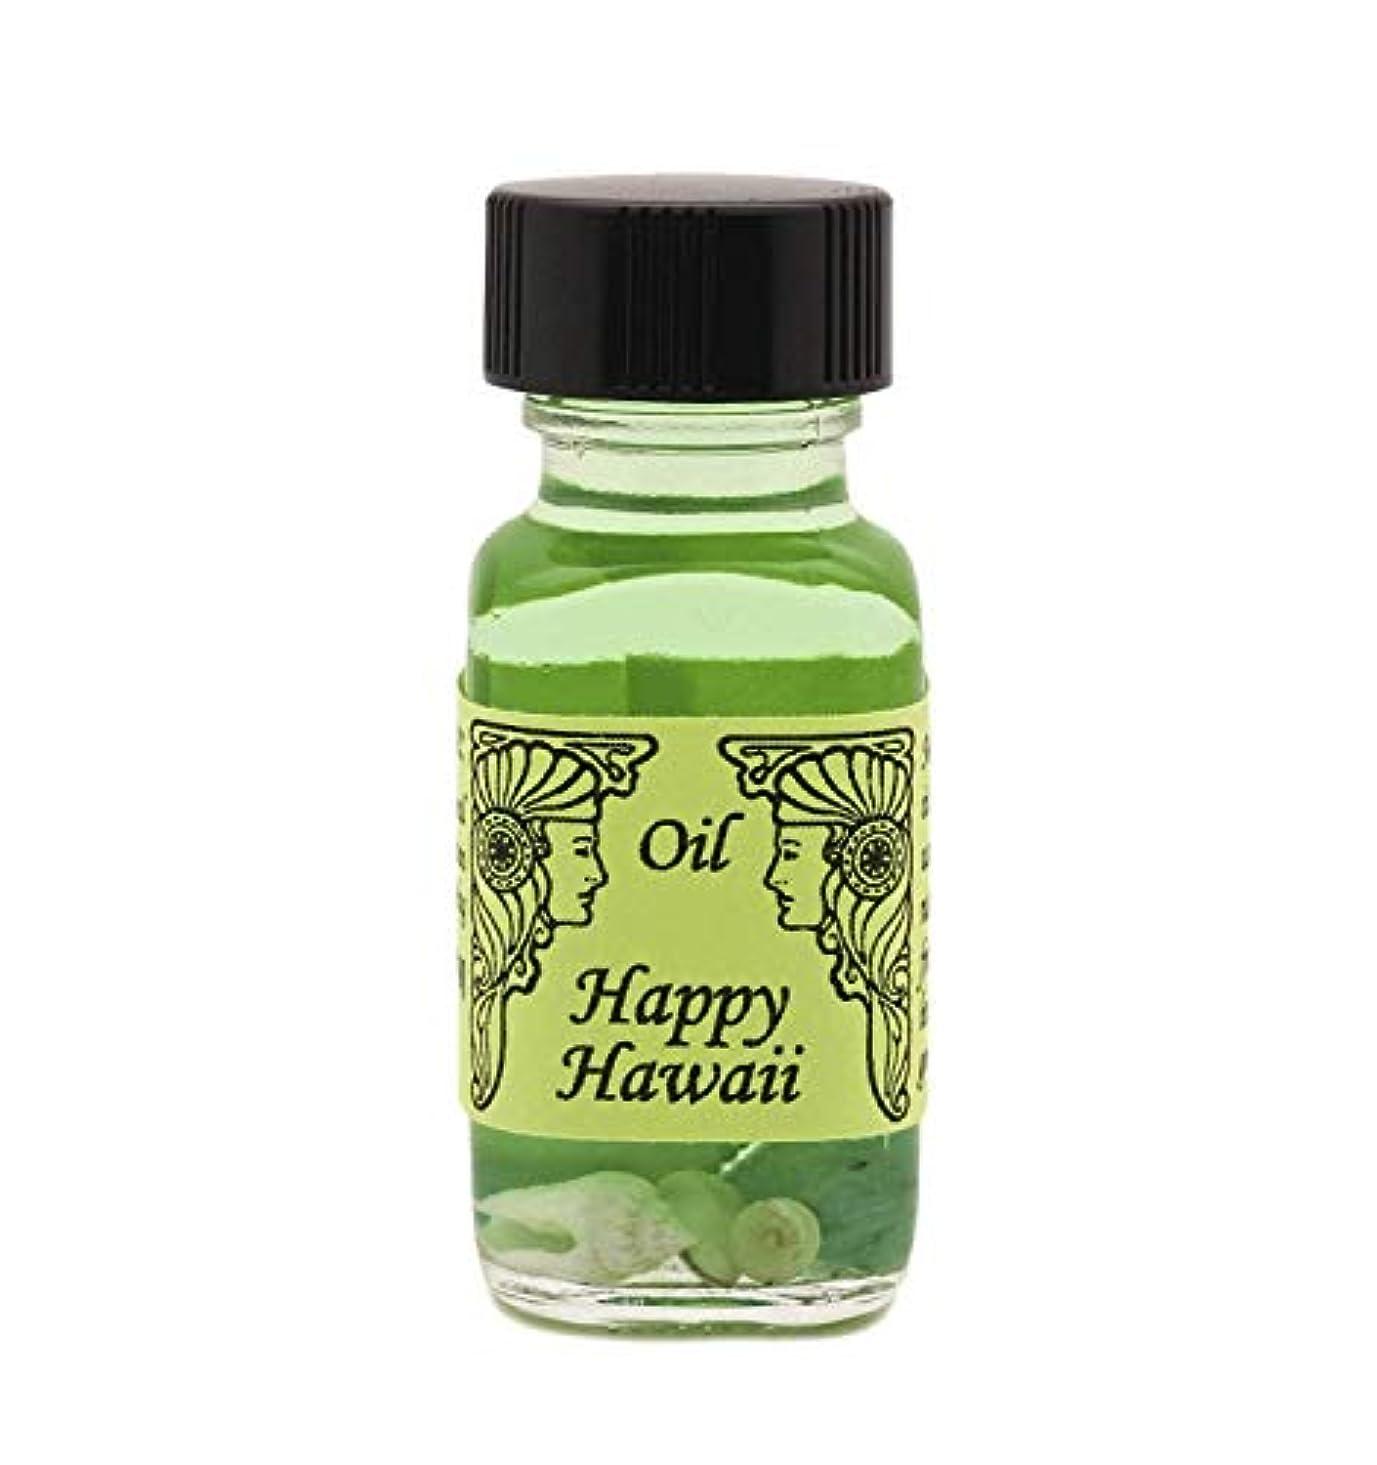 粘性のサークル同等のHappy Hawaii (ハッピーハワイ) アンシェントメモリーオイル 15ml 2019年復活オイル